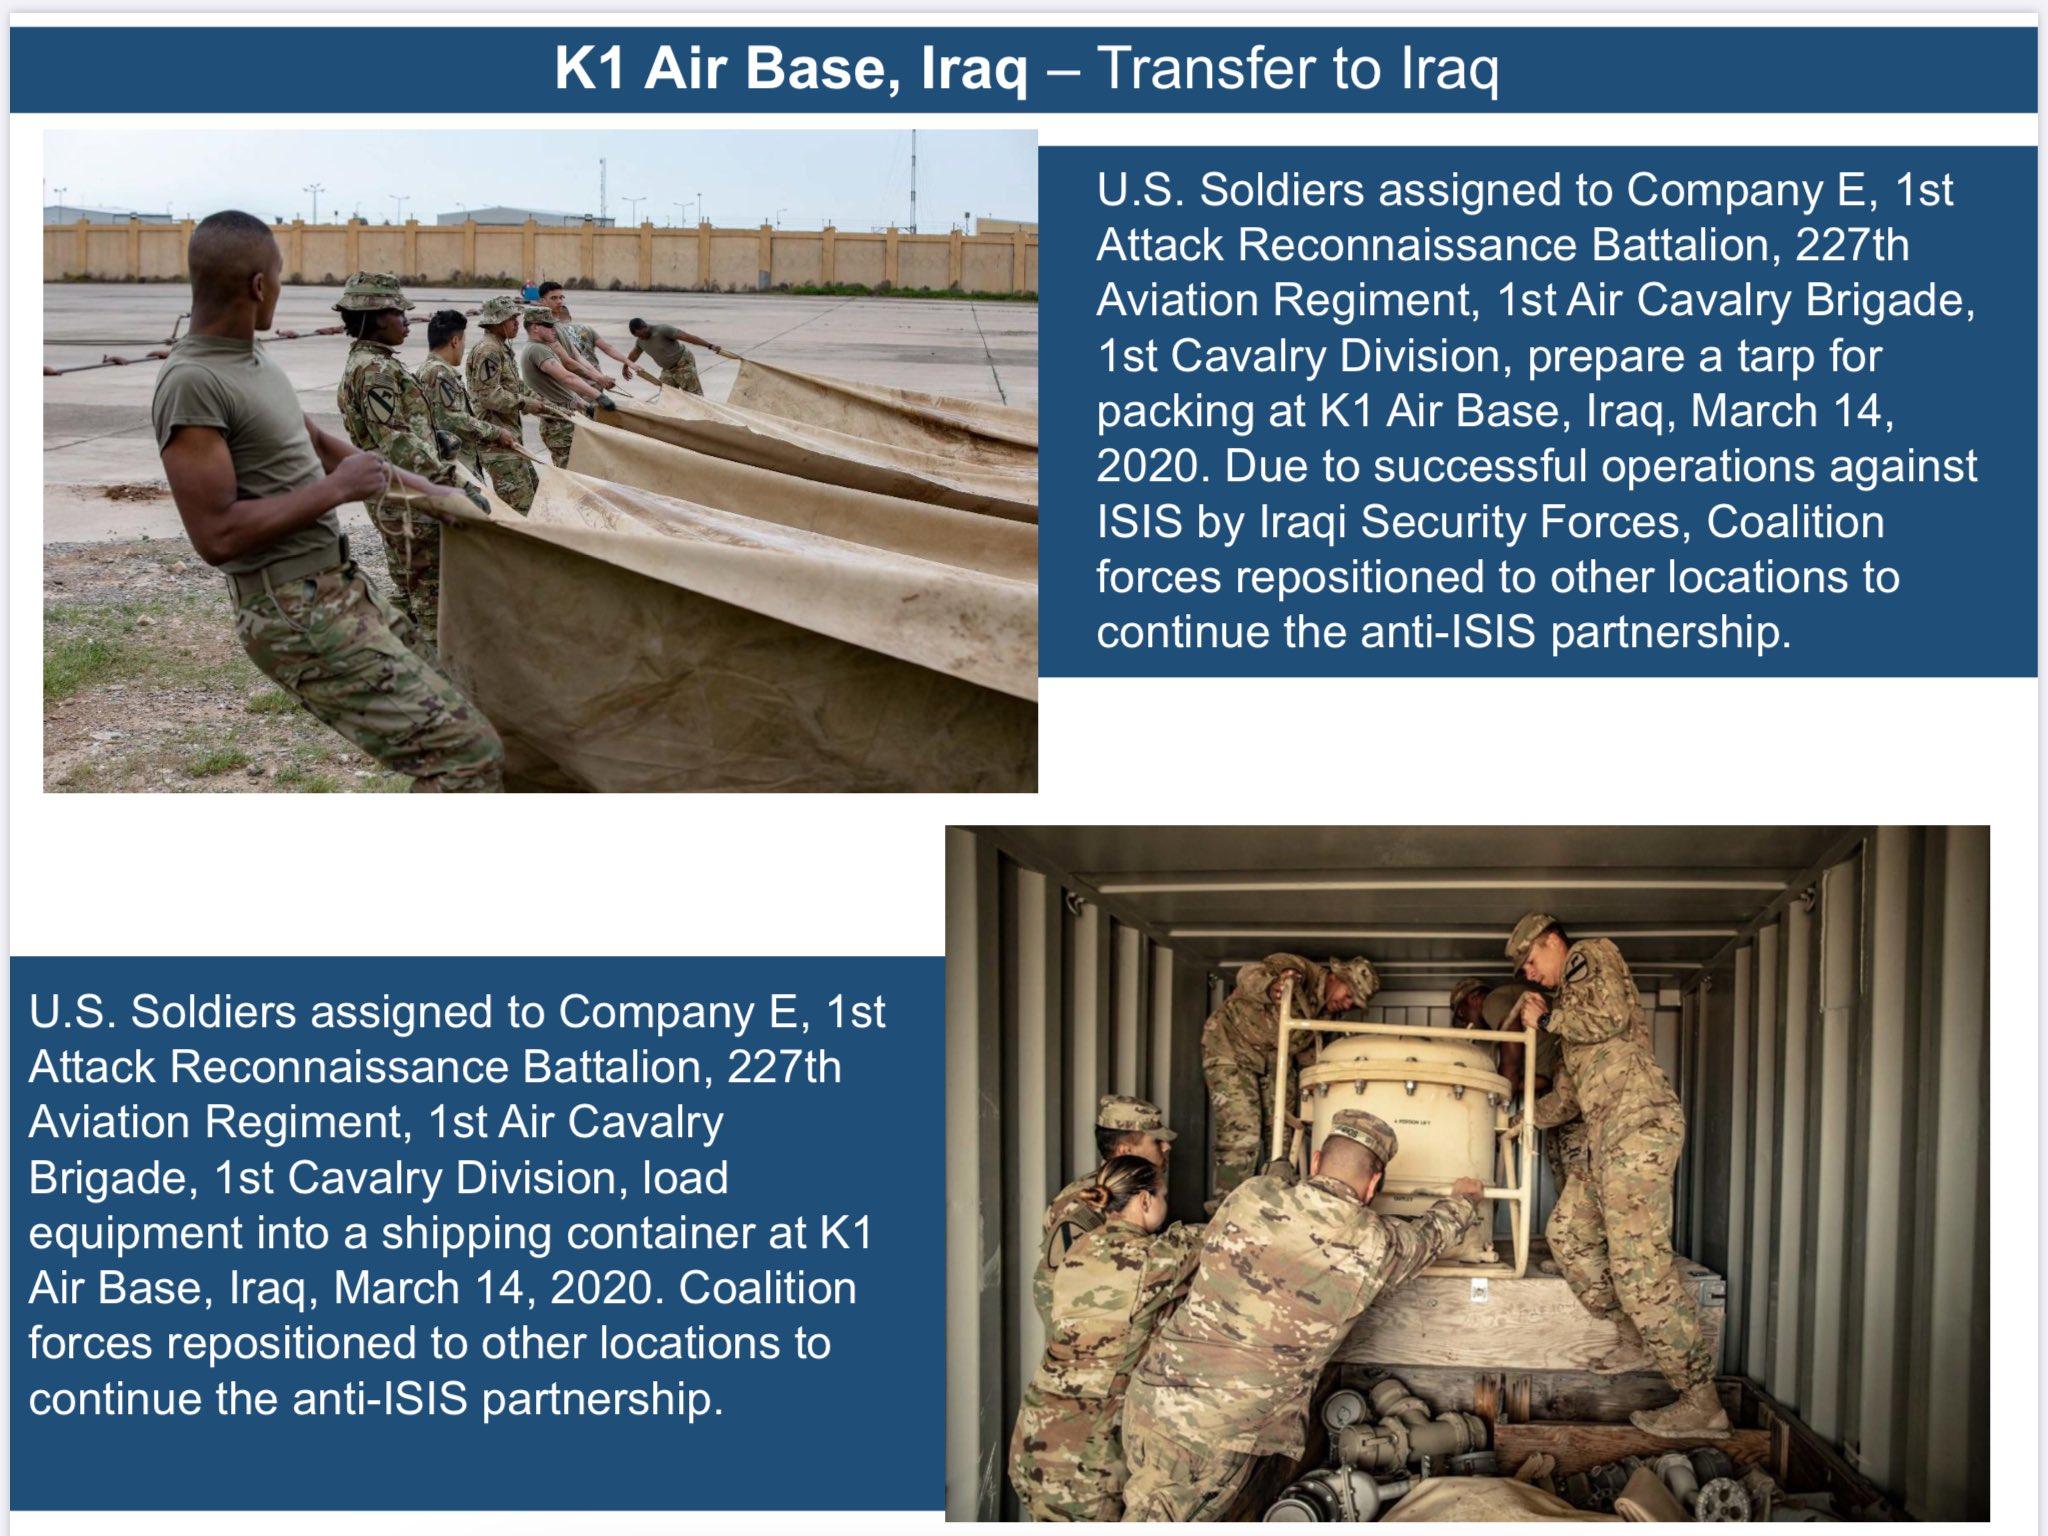 ترامب: على بغداد أن تدفع إذا سحبنا قواتنا من العراق - صفحة 2 EUREKfYXYAE9-CZ?format=jpg&name=large